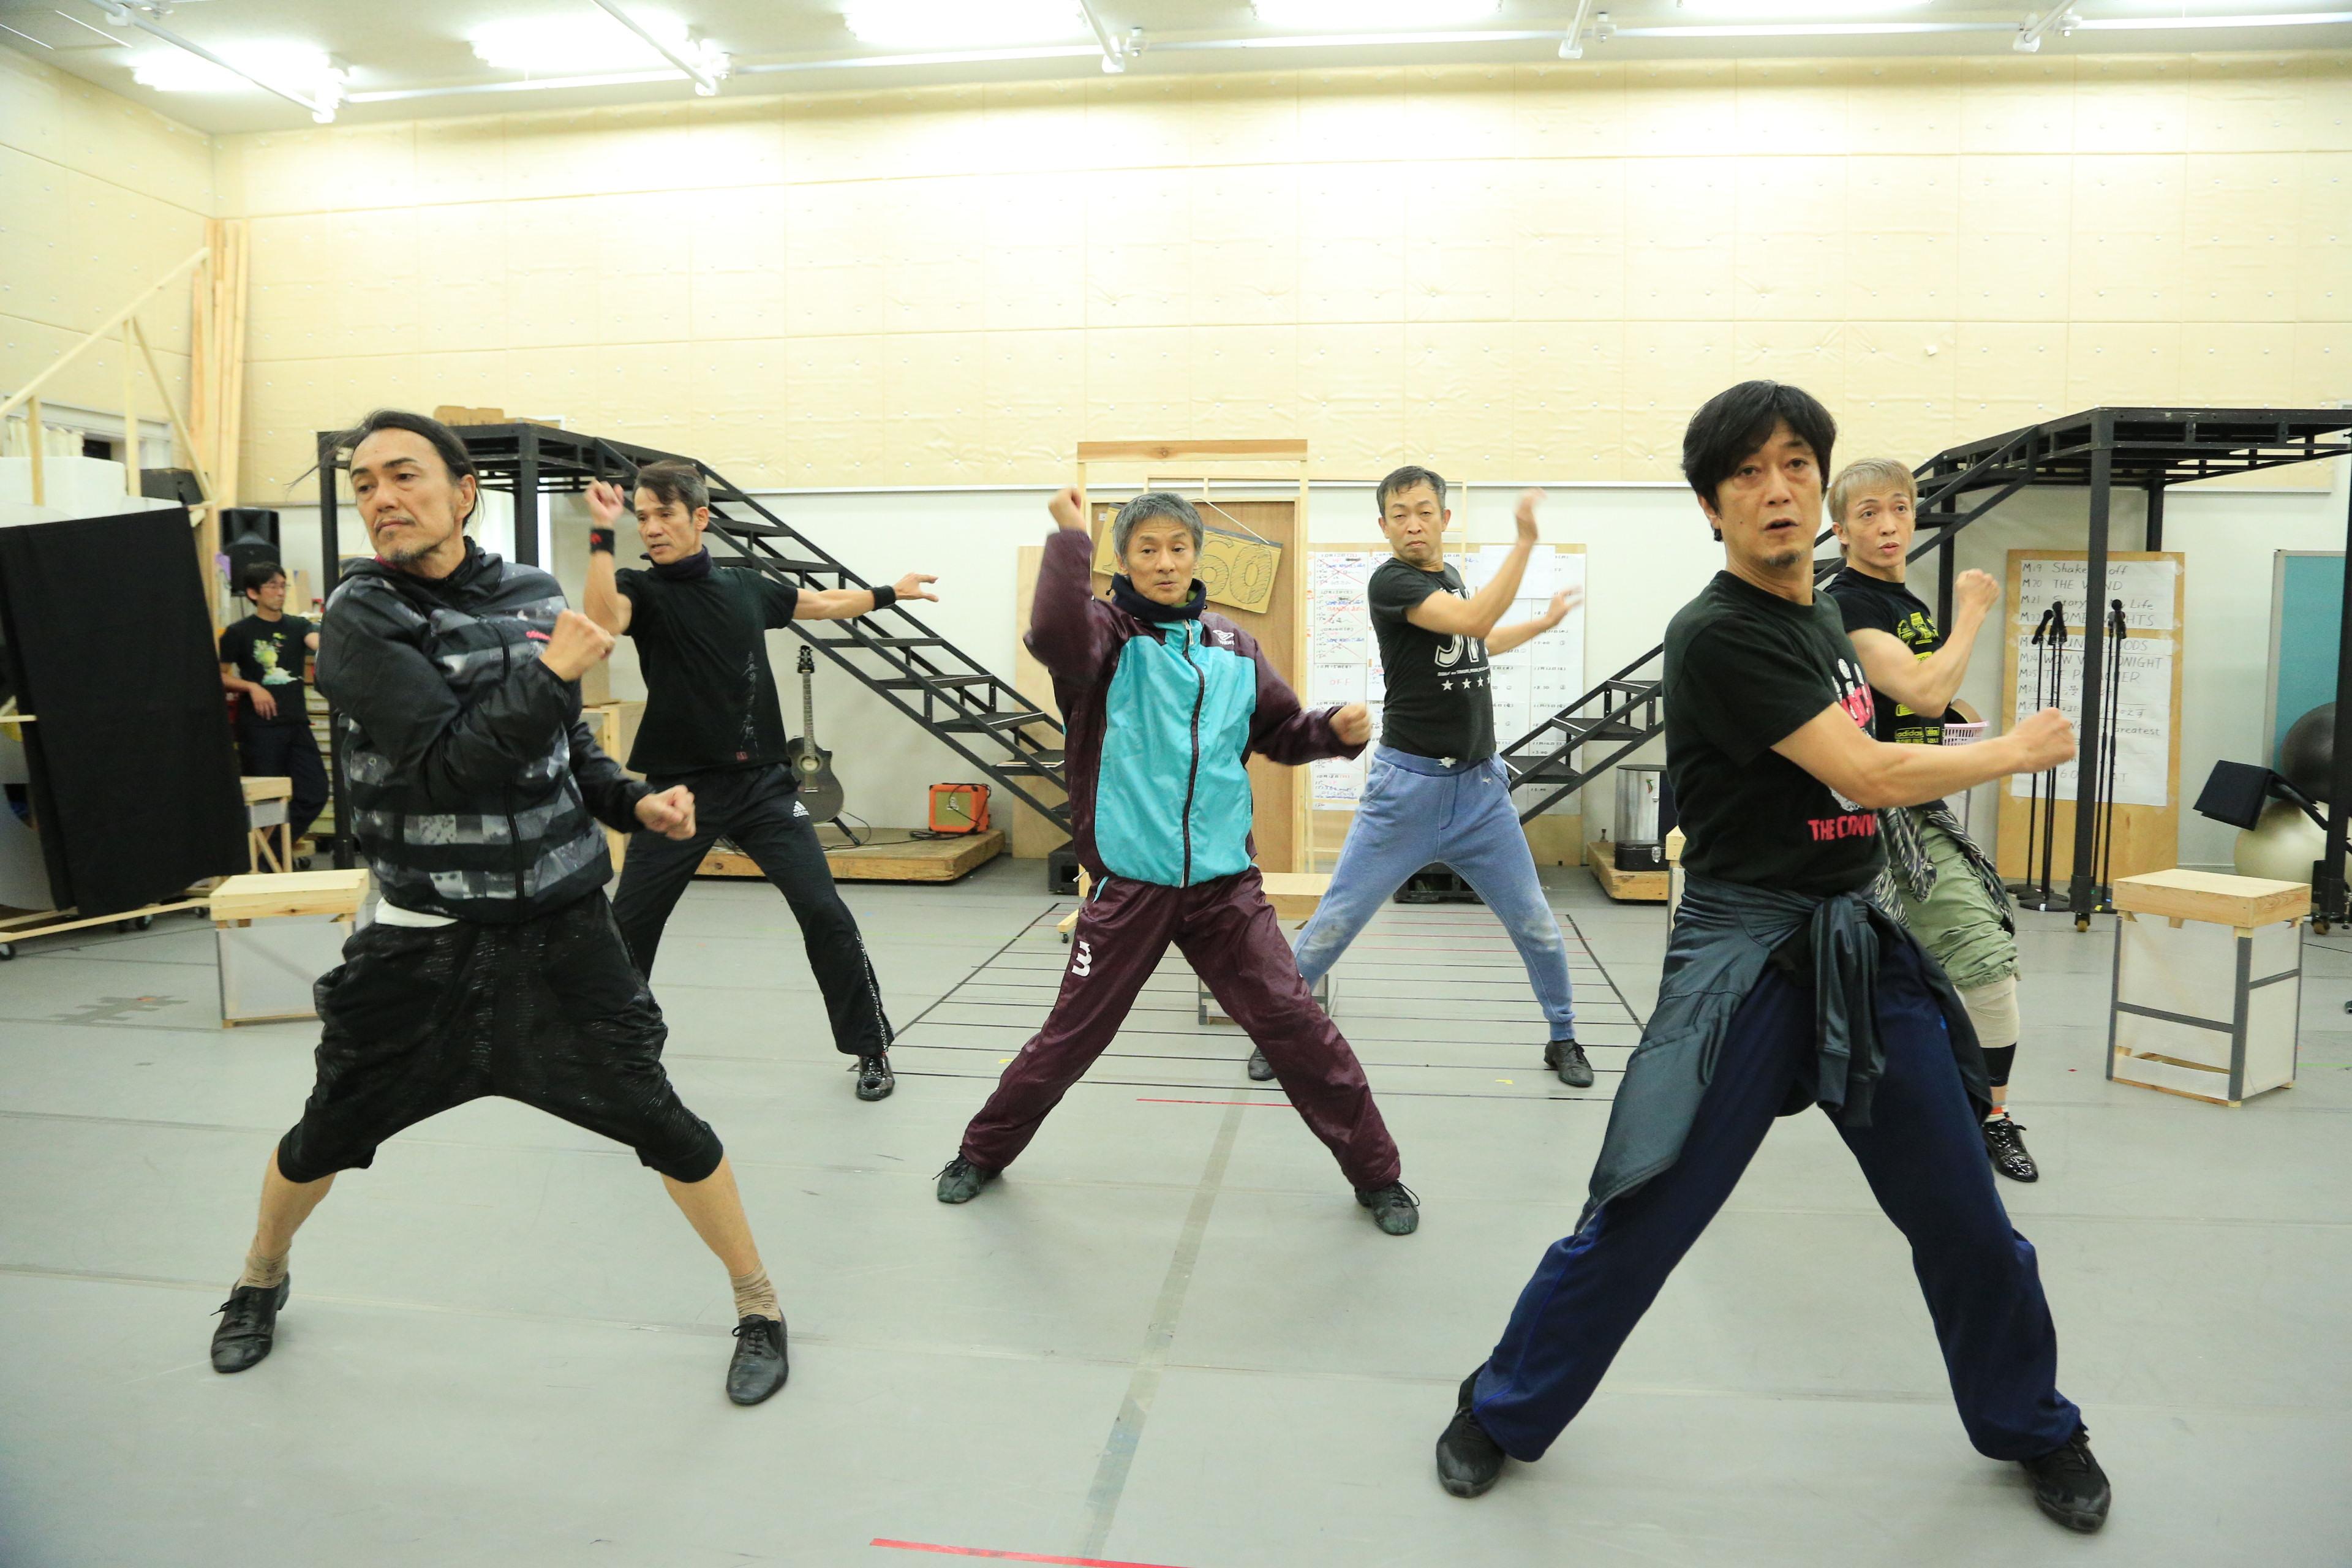 THE CONVOY SHOW 写真:平野哲郎